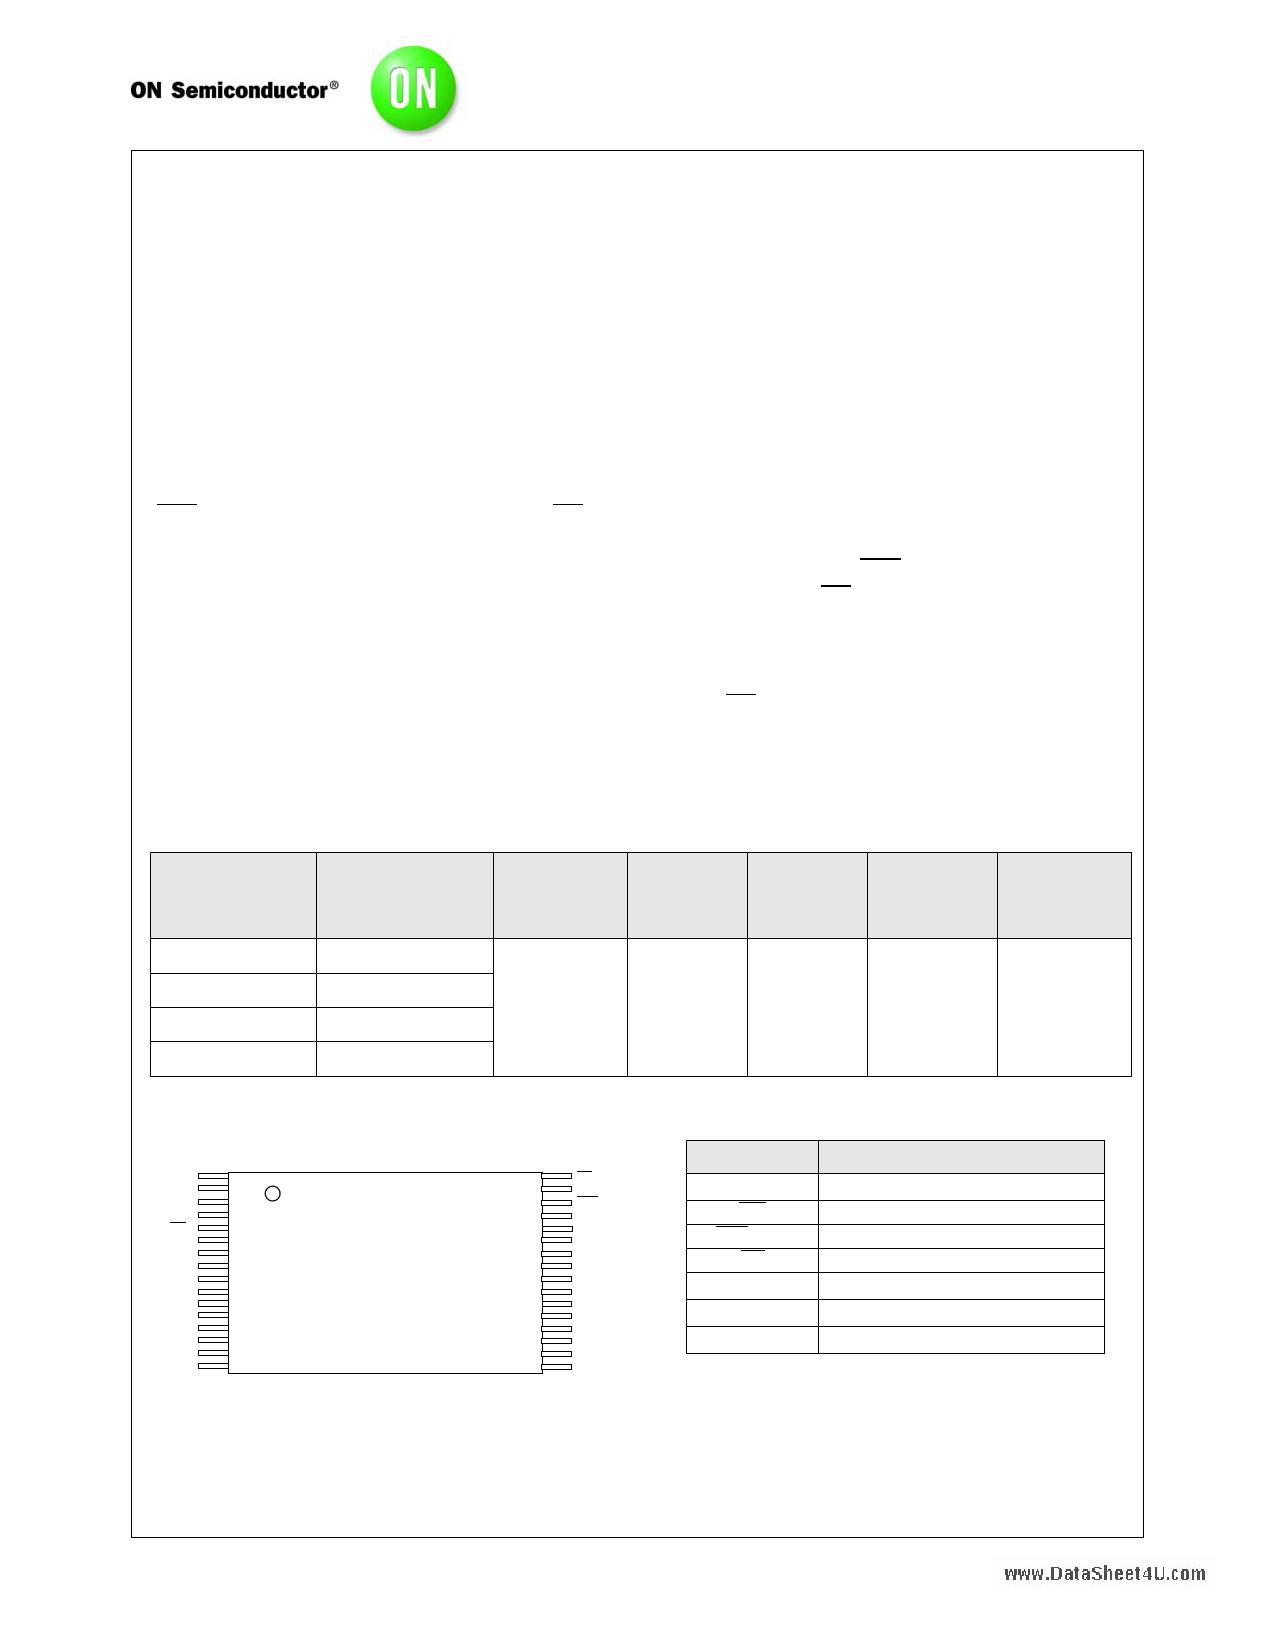 N02L83W2A Hoja de datos, Descripción, Manual